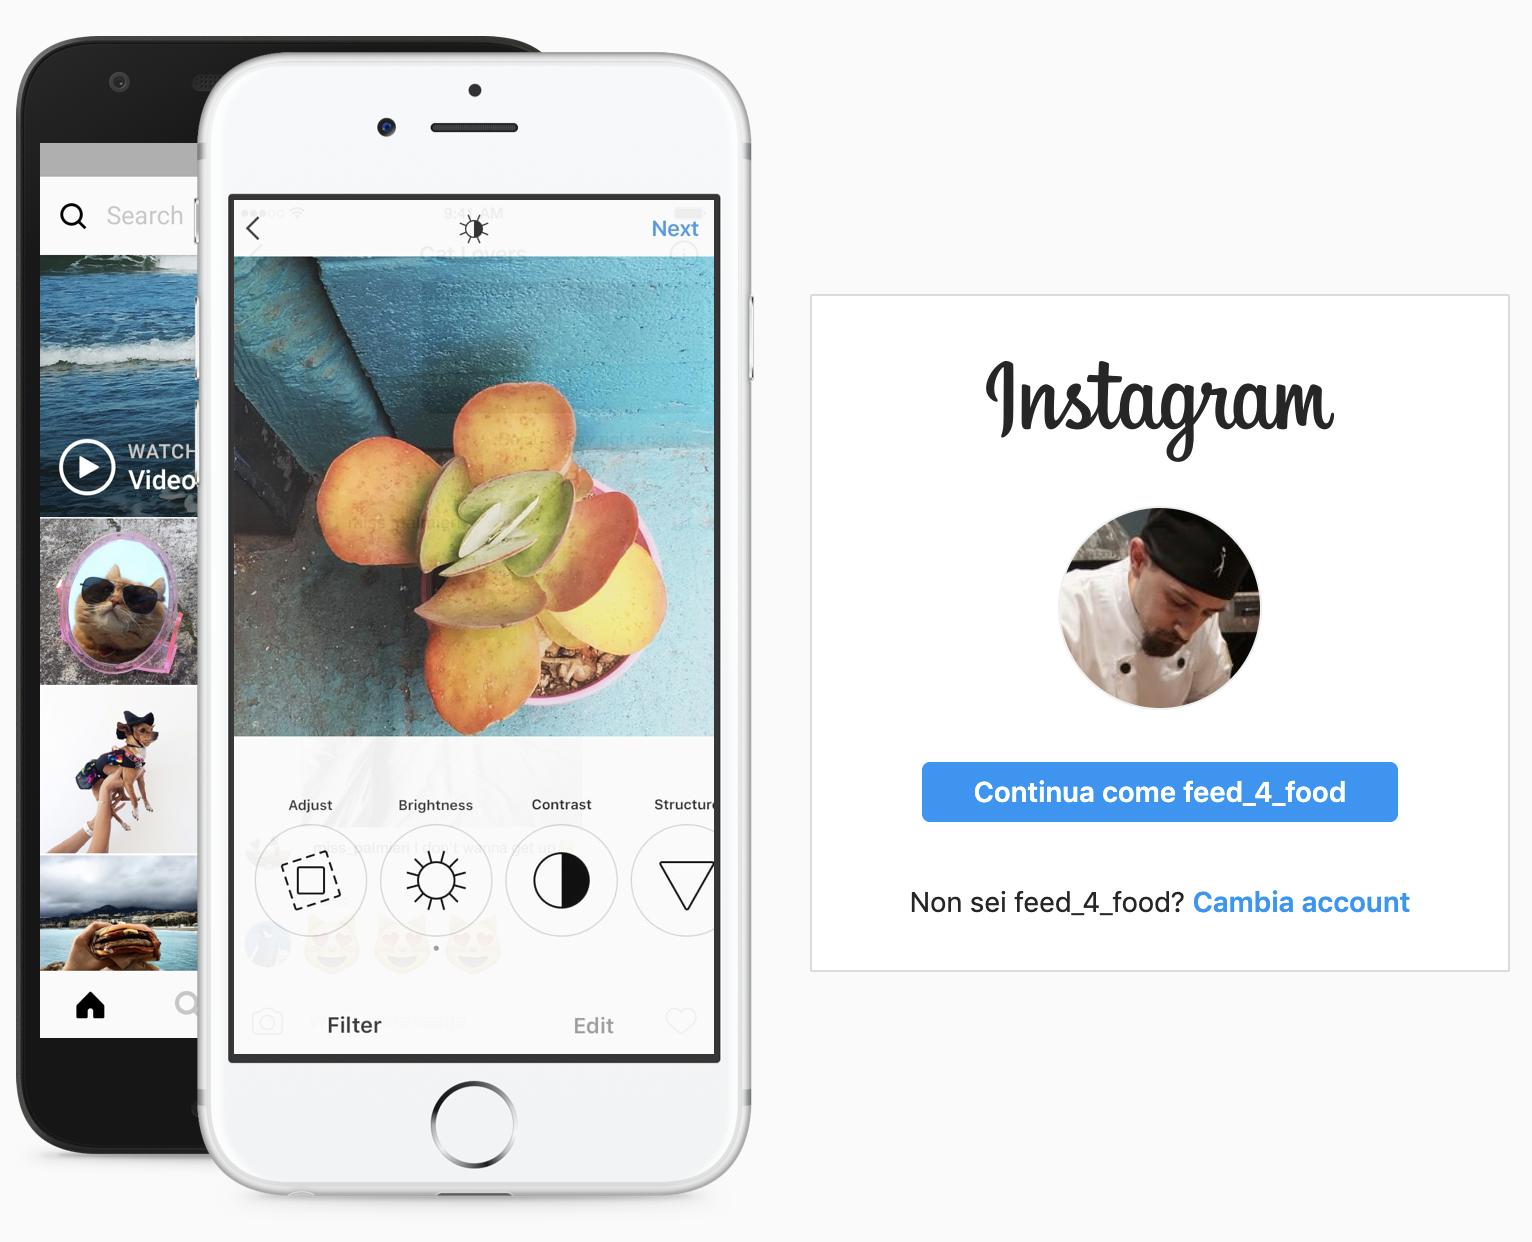 Finestra di login all'account Instagram.com